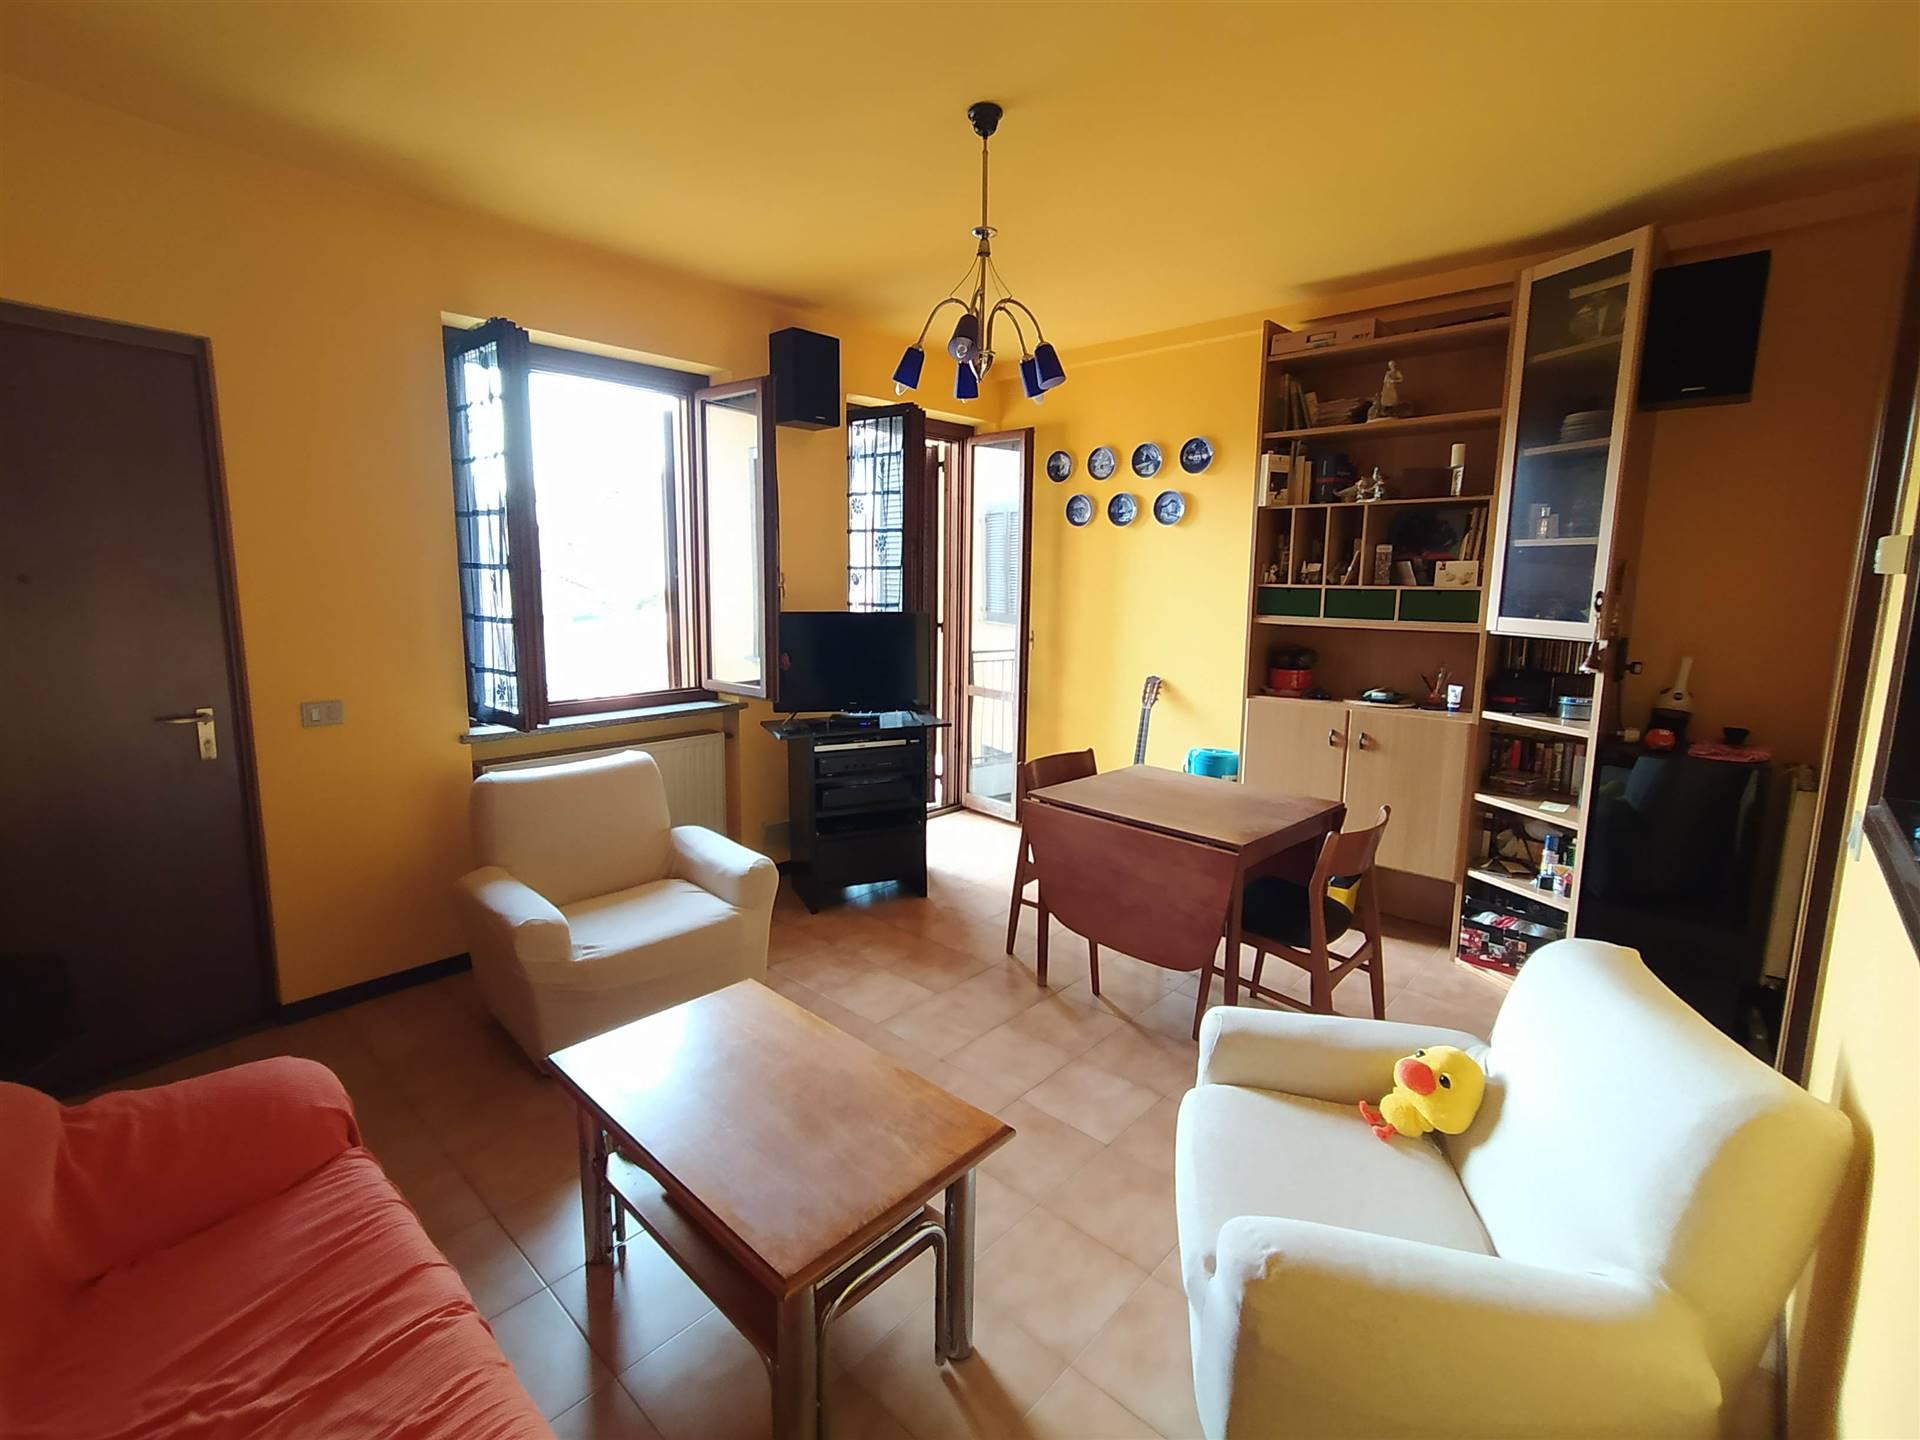 Appartamento in vendita a Invorio, 2 locali, zona Località: TALONNO, prezzo € 57.000   PortaleAgenzieImmobiliari.it